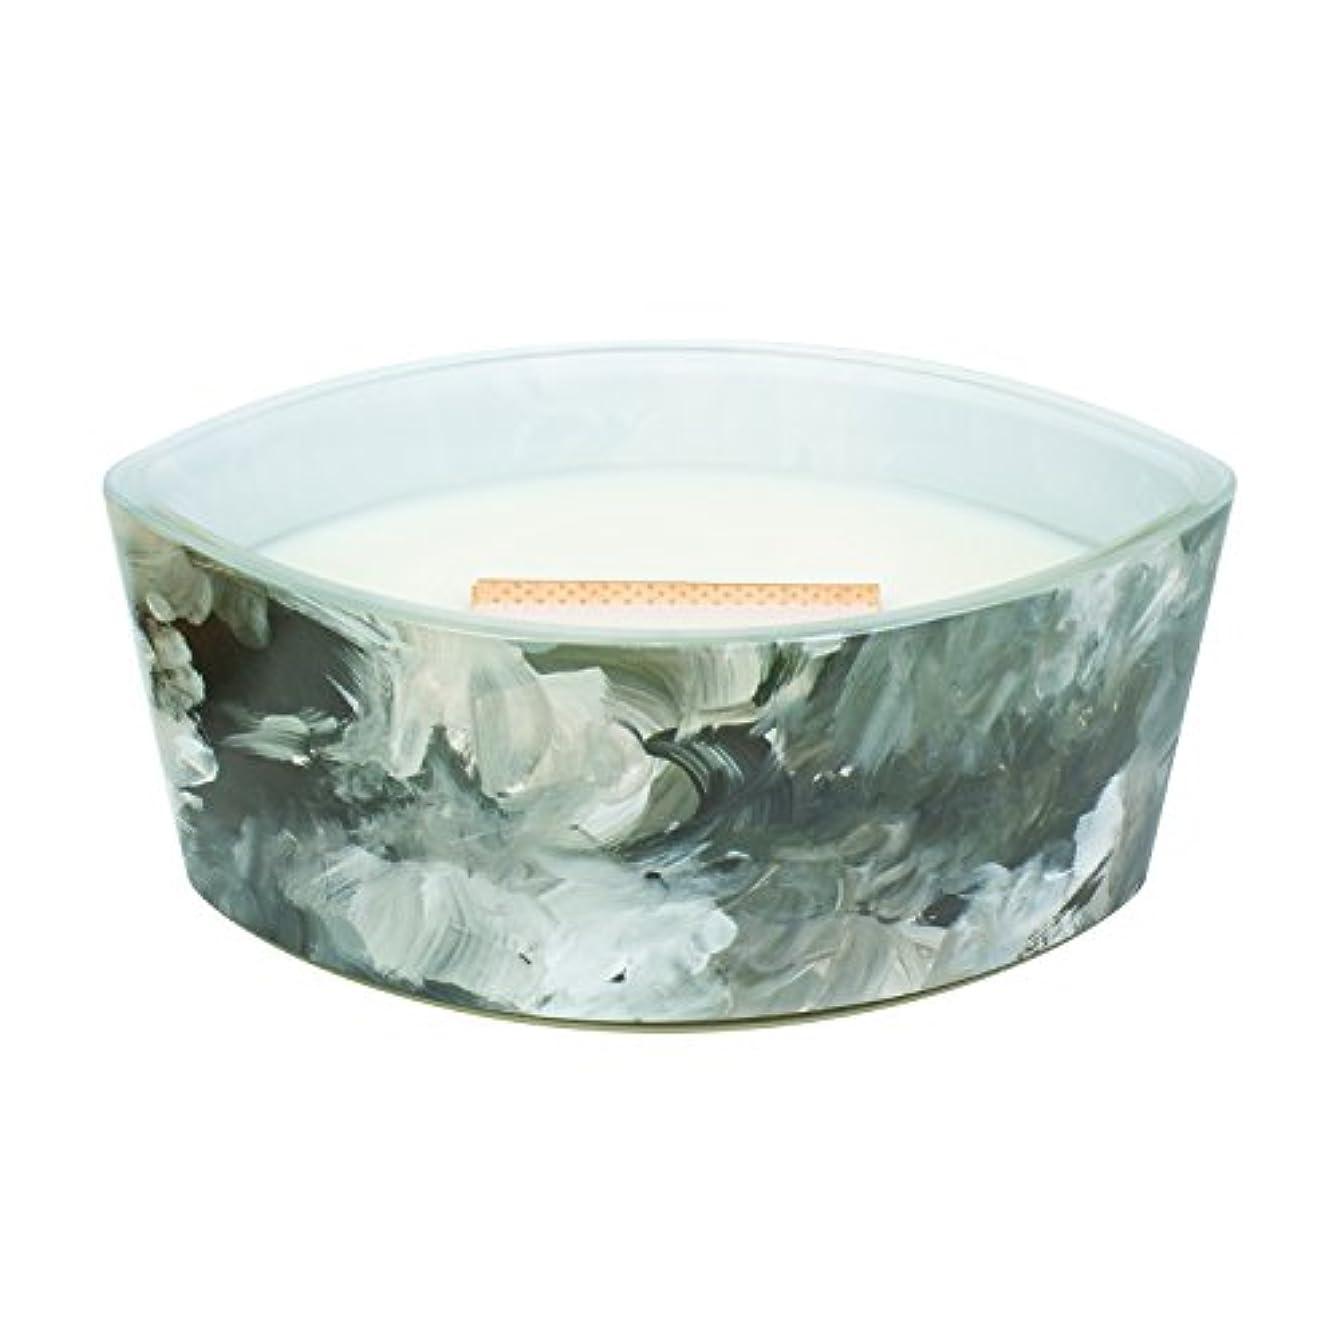 薄いカエルコレクションブラックオレンジCitrus – アーティザンコレクション楕円WoodWick香りつきJar Candle